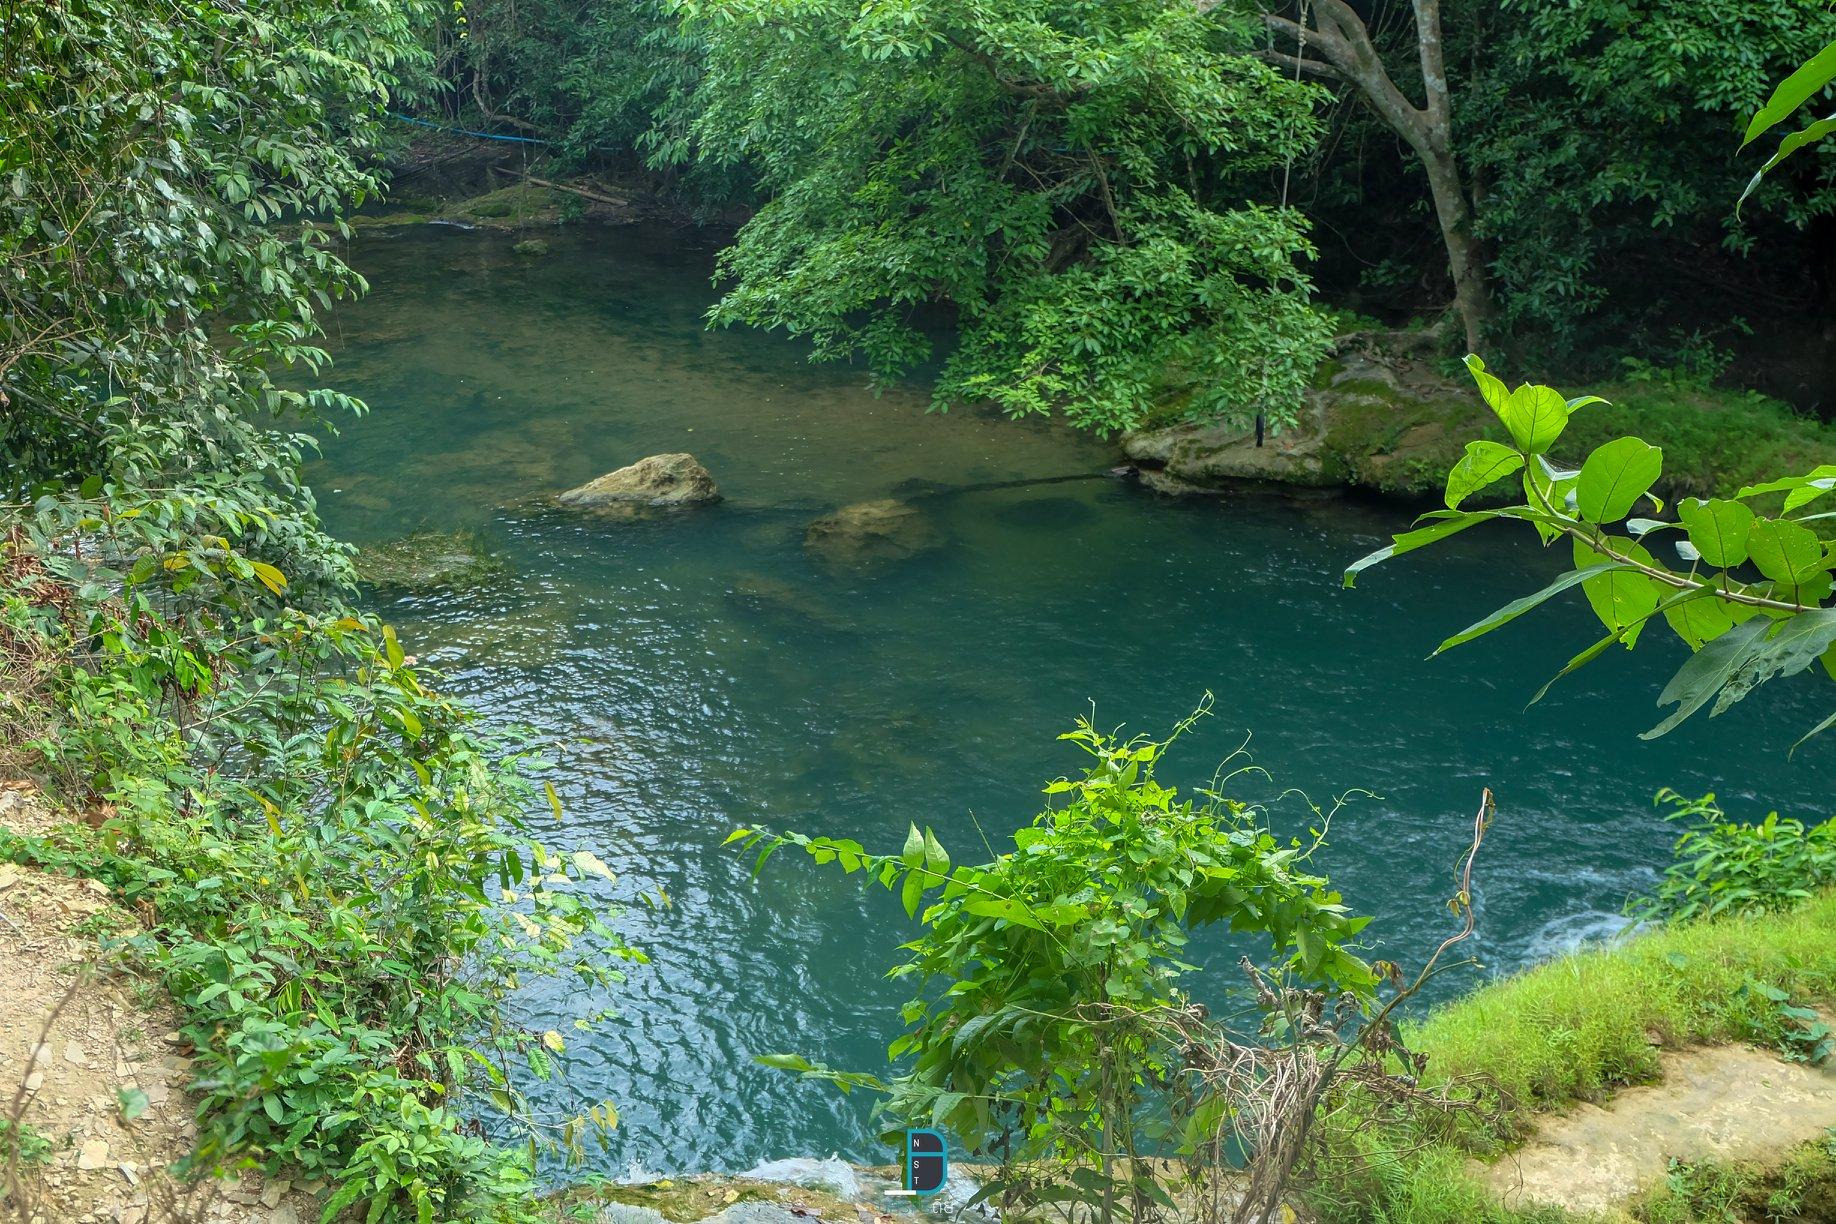 น้ำตกหนานสวรรค์ ชะอวด นครศรีธรรมราช จุดเช็คอินลับใหม่ ธรรมชาติน้ำใสสีฟ้าสมบูรณ์ นครศรีดีย์